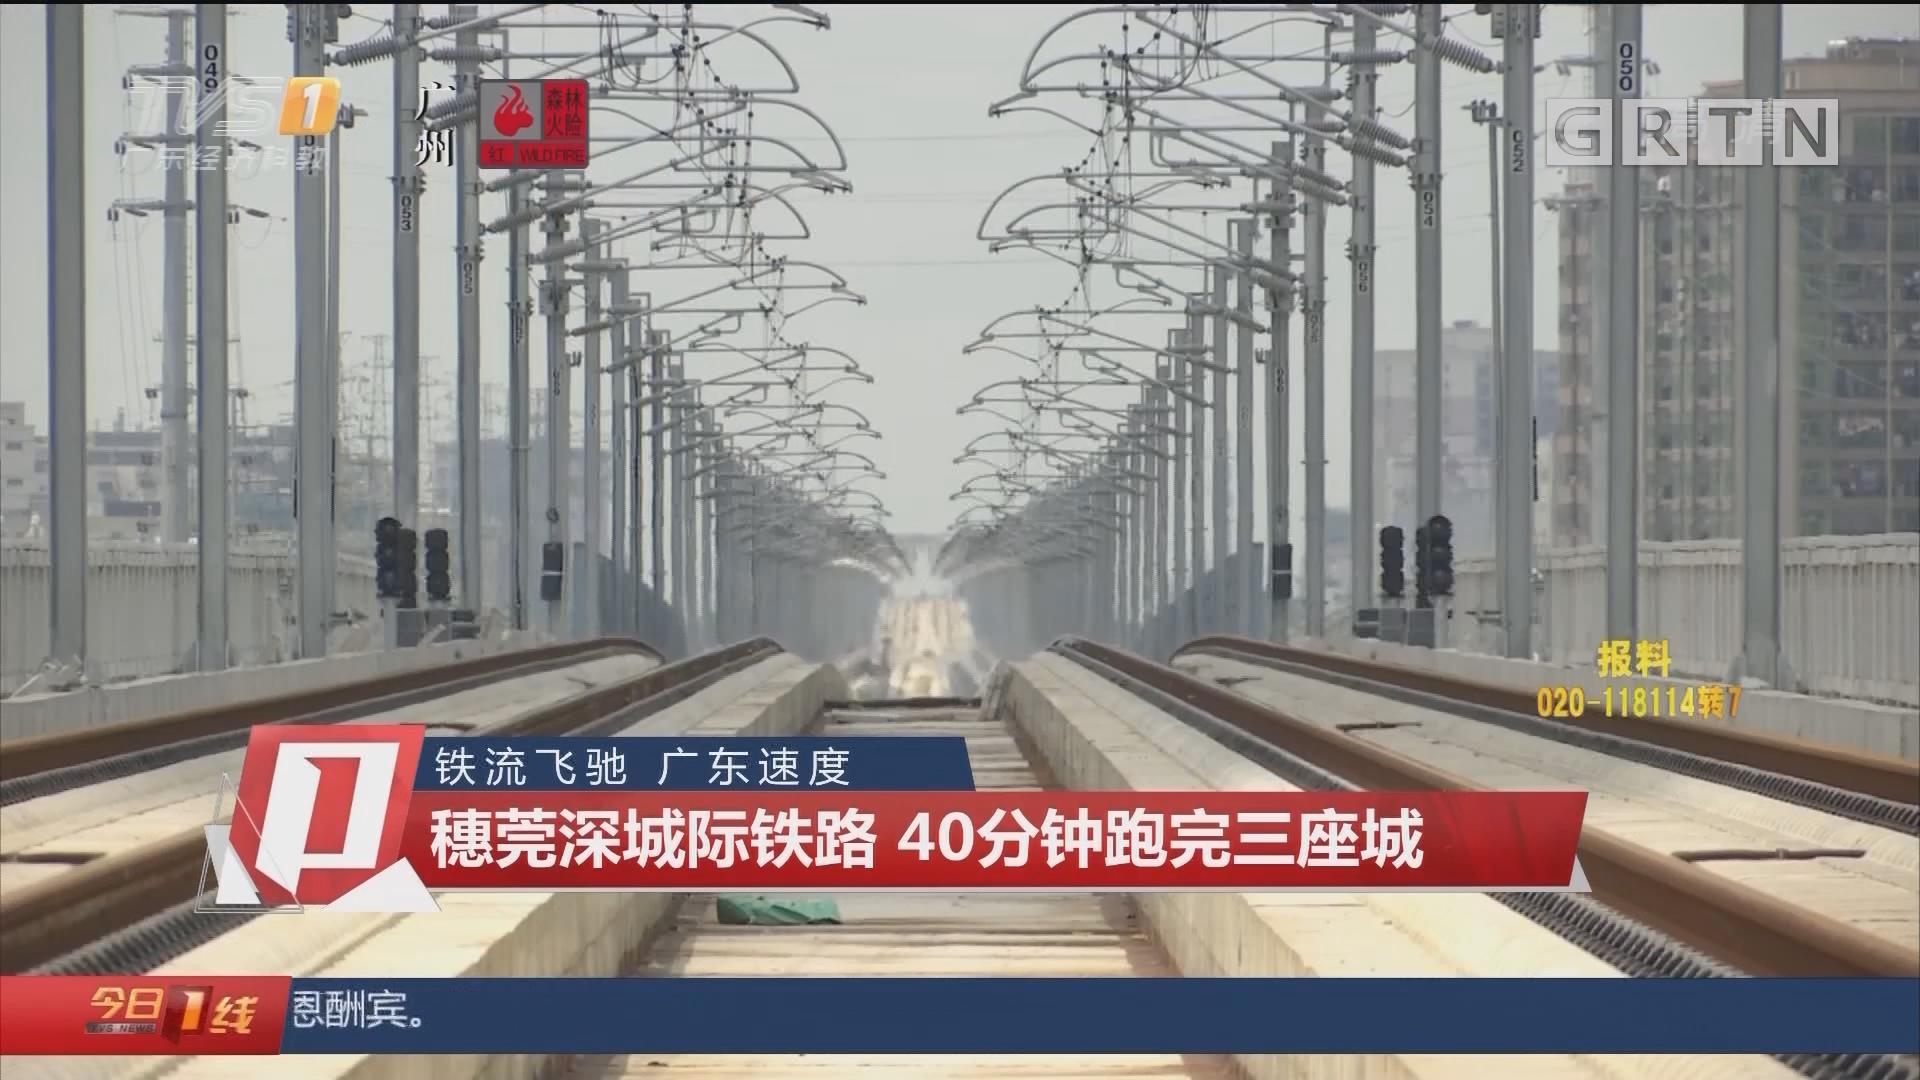 鐵流飛馳 廣東速度 穗莞深城際鐵路 40分鐘跑完三座城